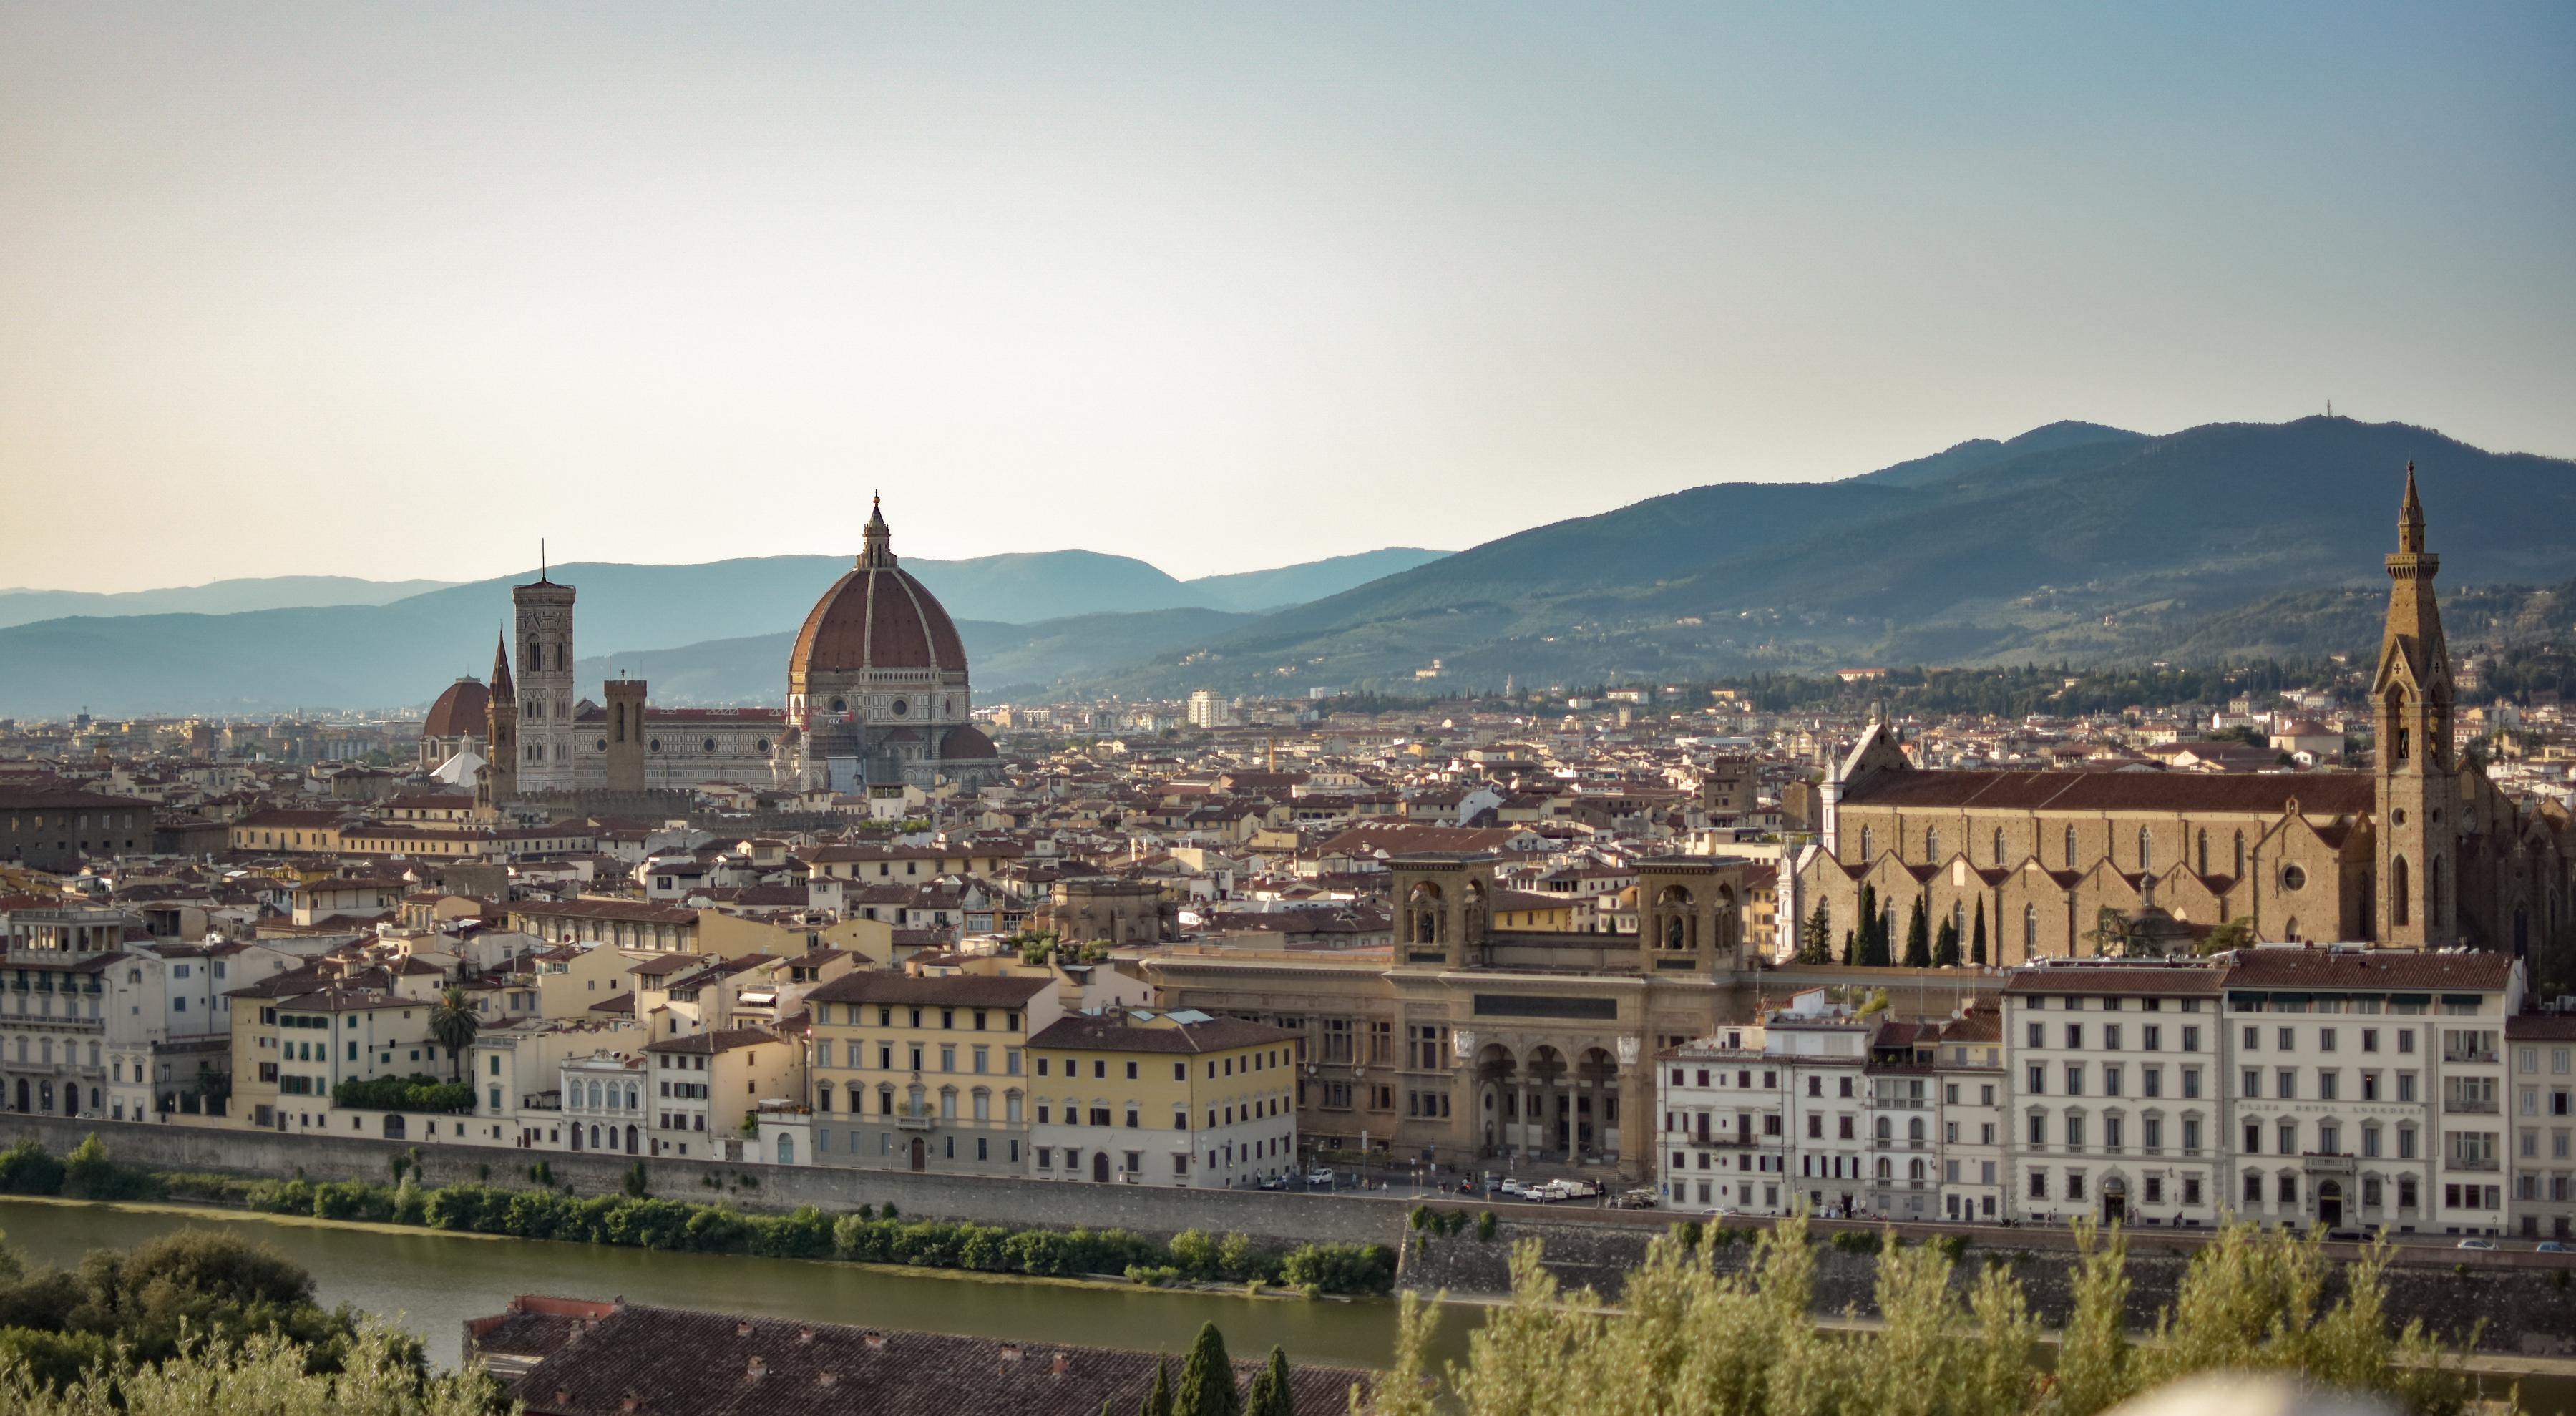 Mirador de Florencia